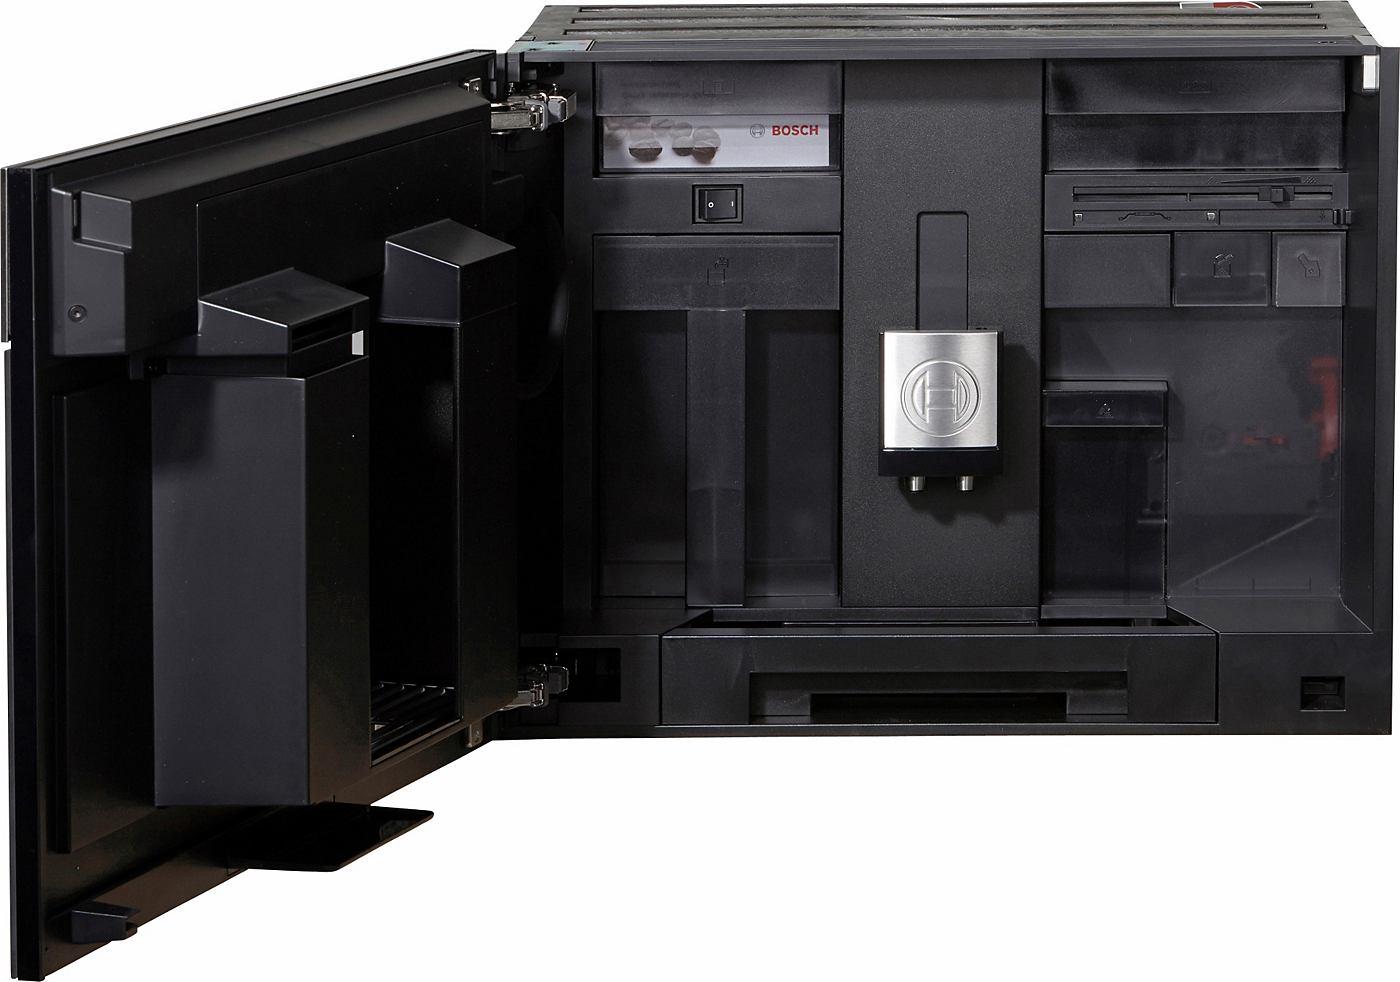 Einbau kaffeevollautomat weiß : Bosch einbau kaffeevollautomat ctl es integrierter milchtank